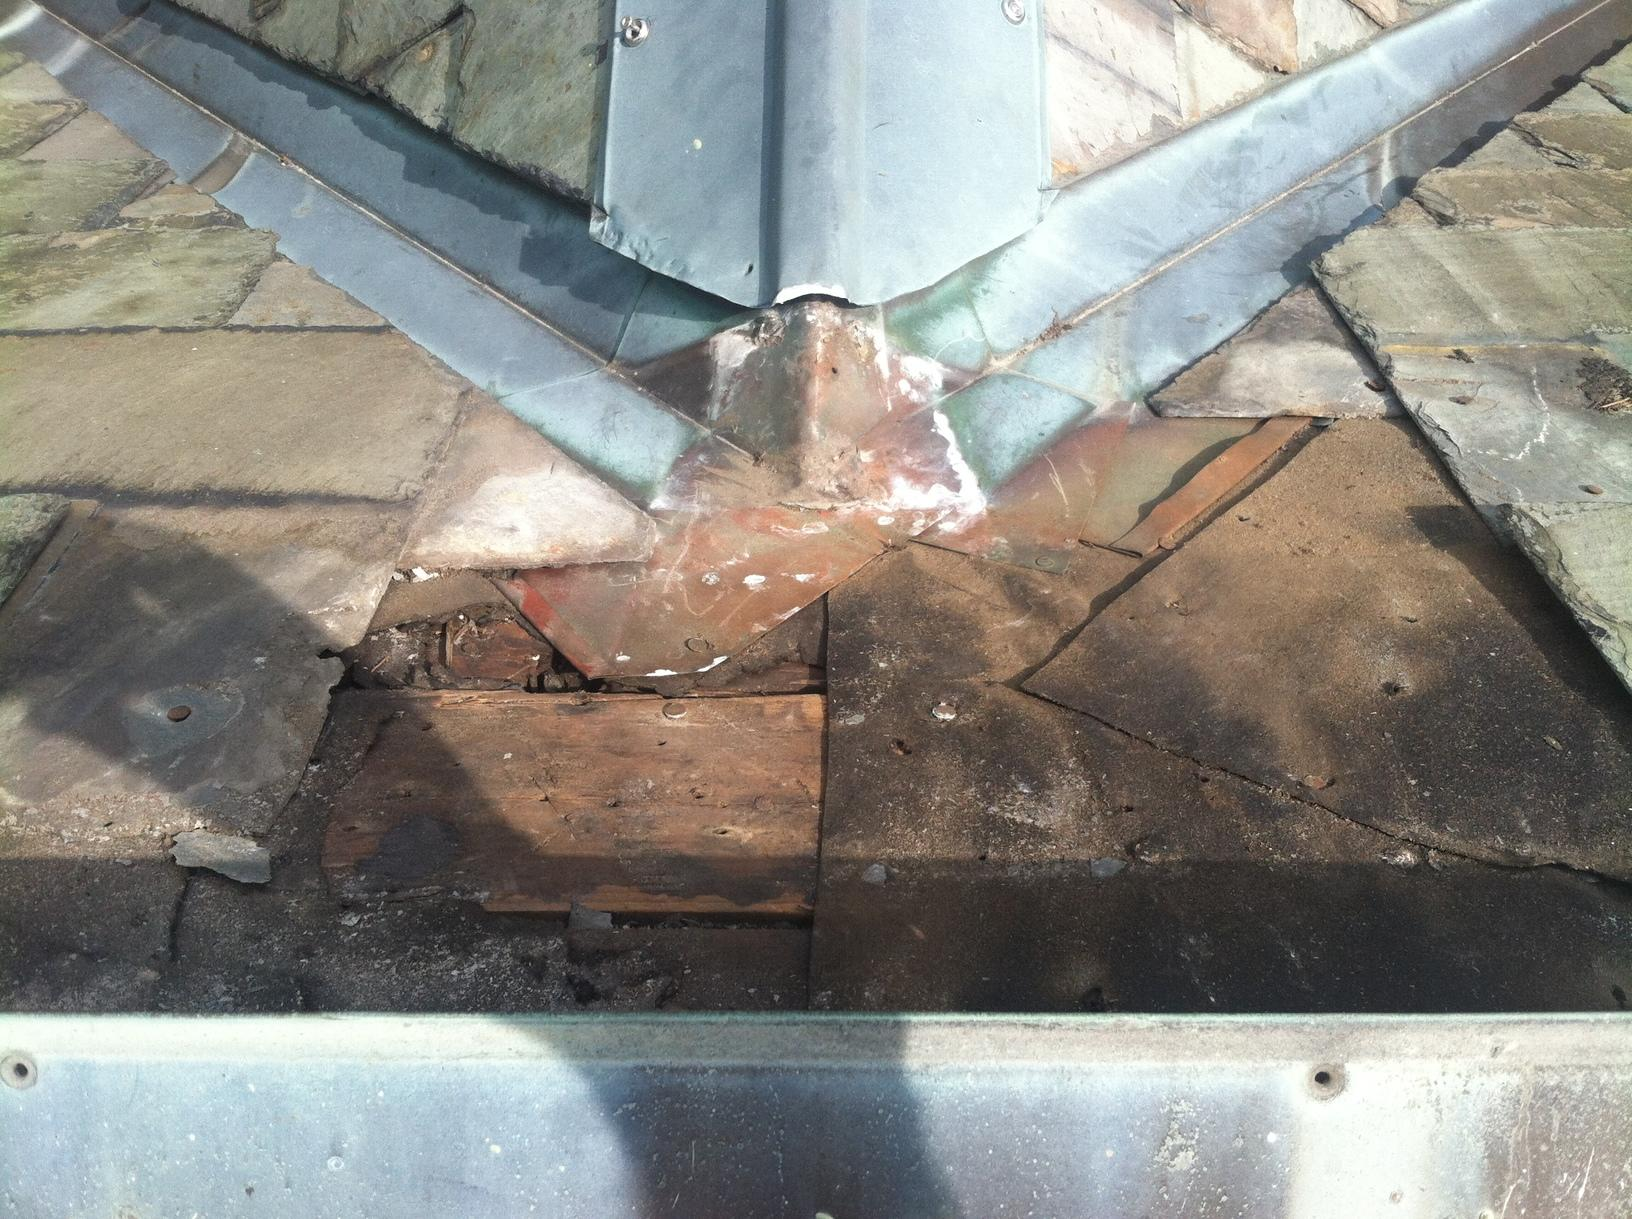 Slate Roof Leak Repair in Needham, MA - Before Photo